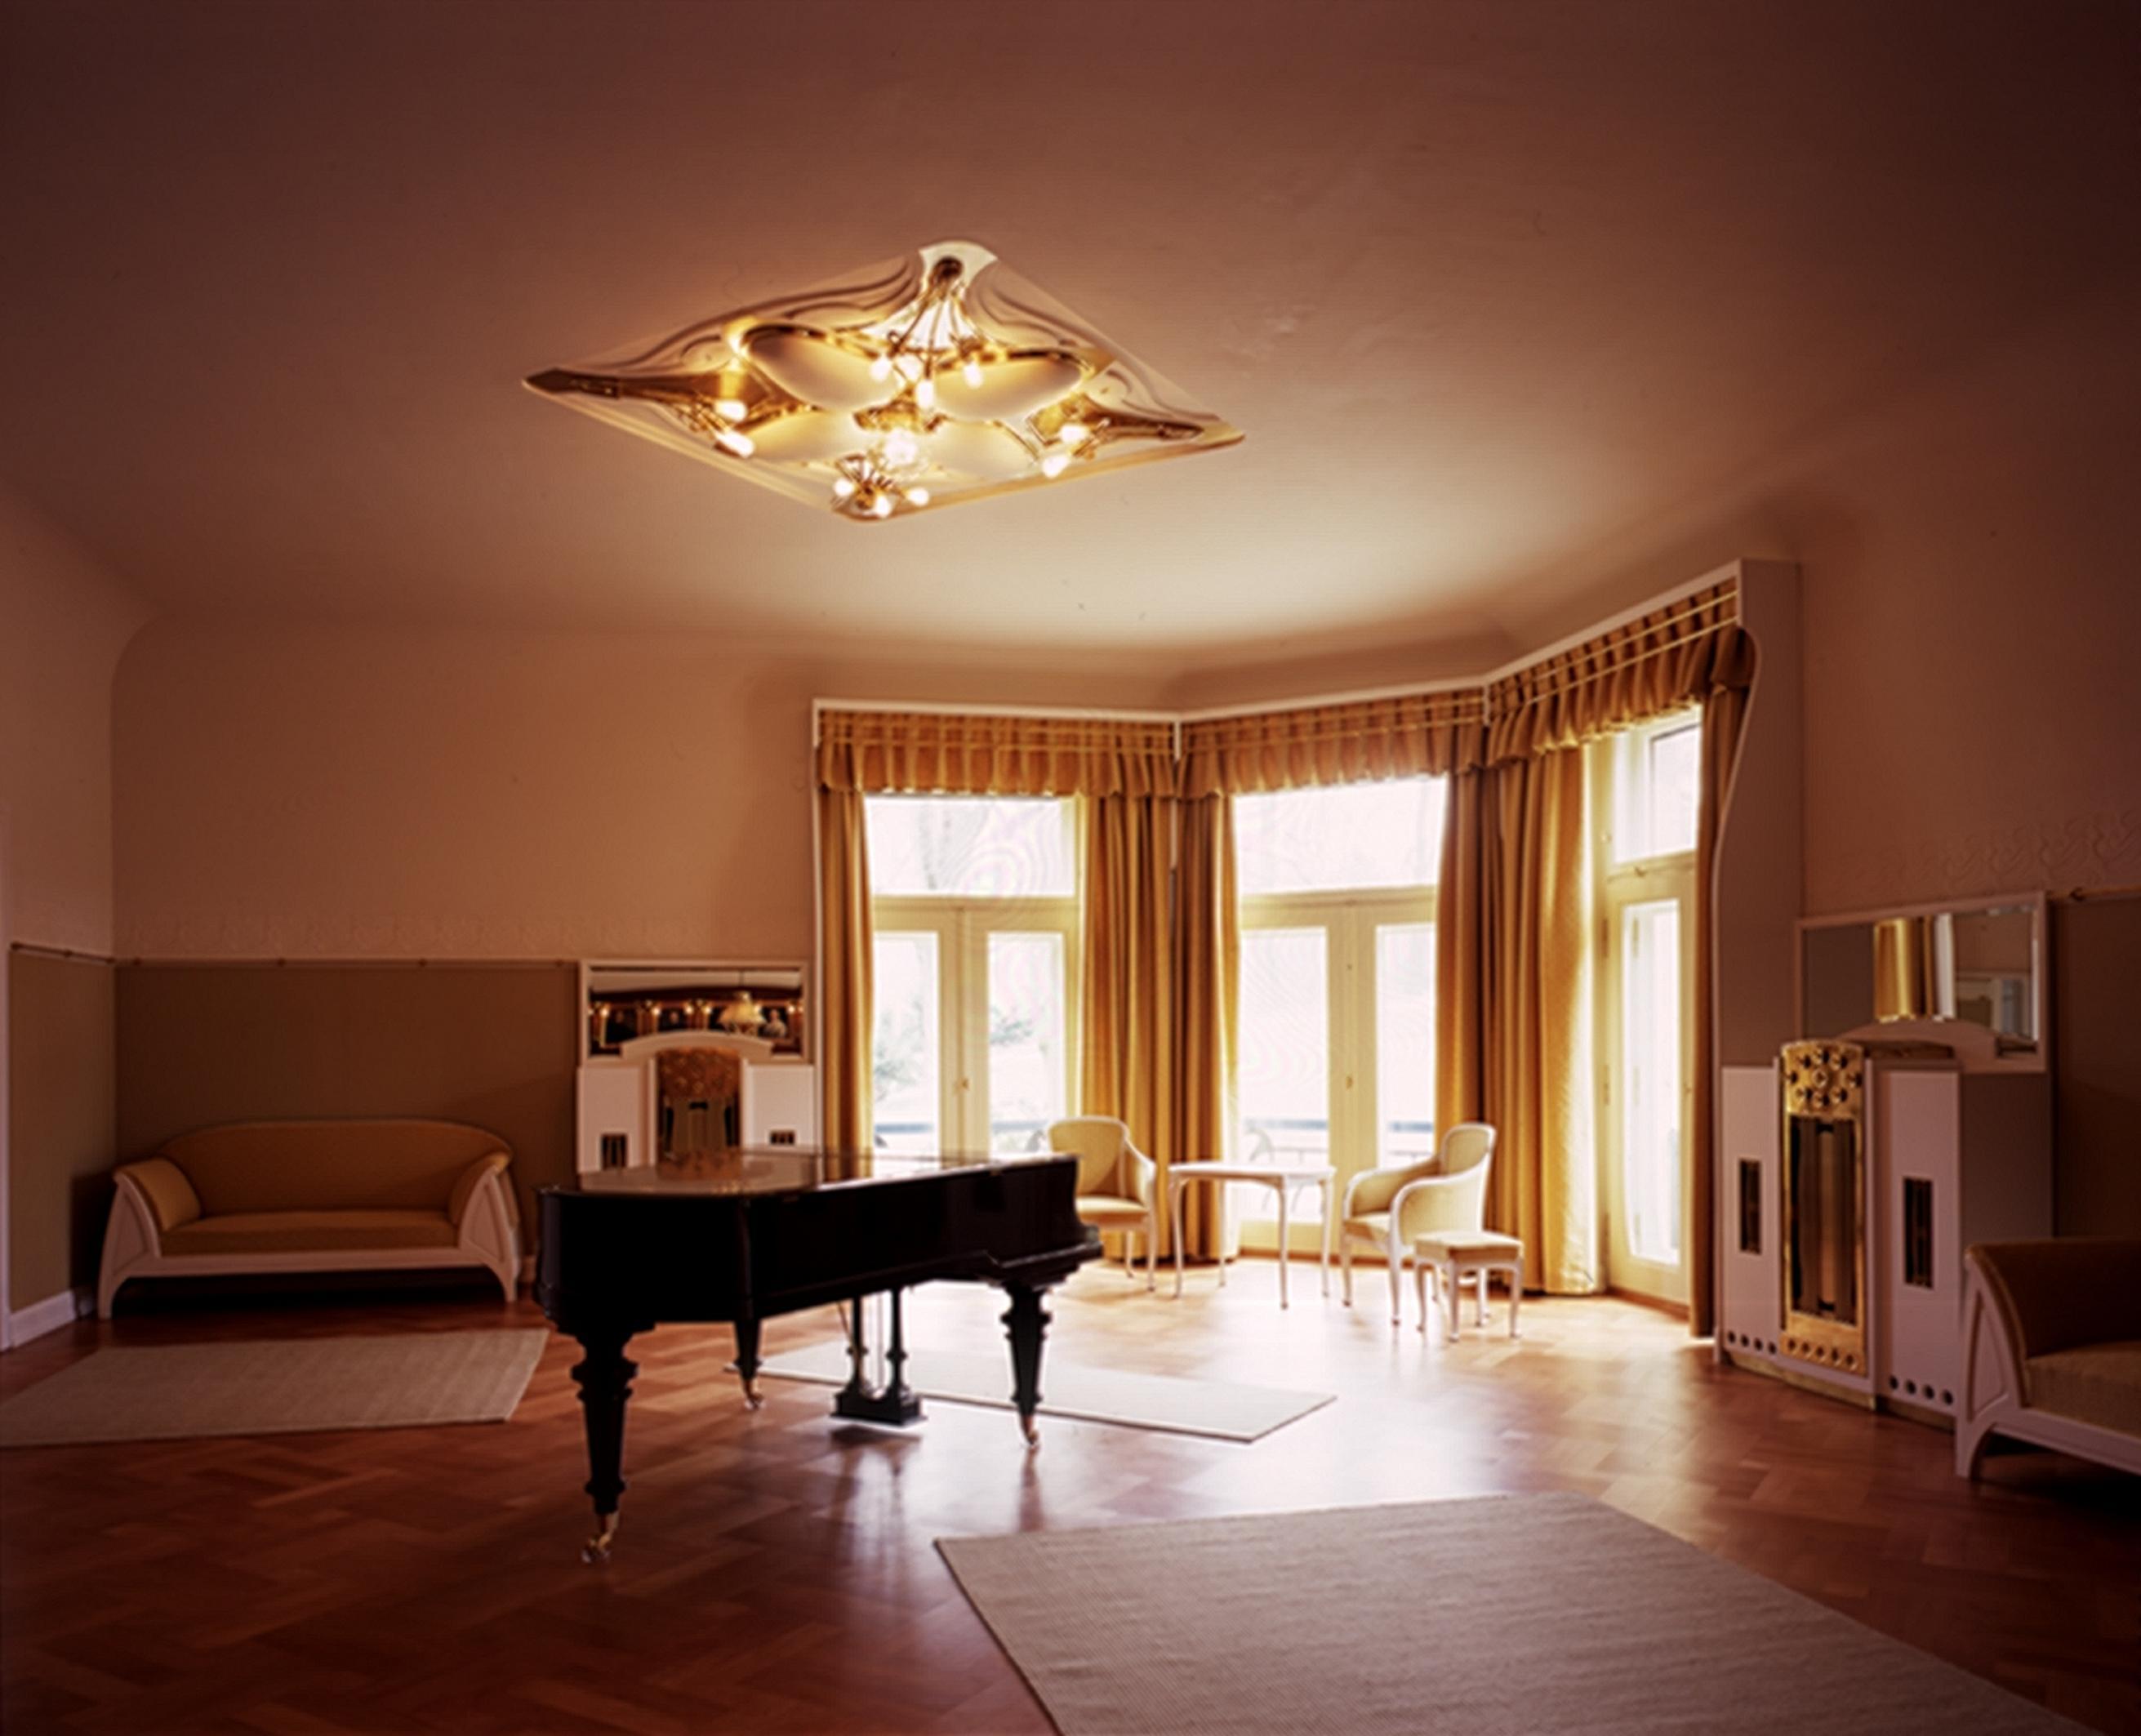 En 1890, il présenta ses œuvres de mobilier en bois dans la Galerie « l'Art nouveau » de Samuel Bing à Paris, et devint ensuite connu internationalement. Il construisit en 1895 sa propre maison à Bruxelles.©Ulf Dahl